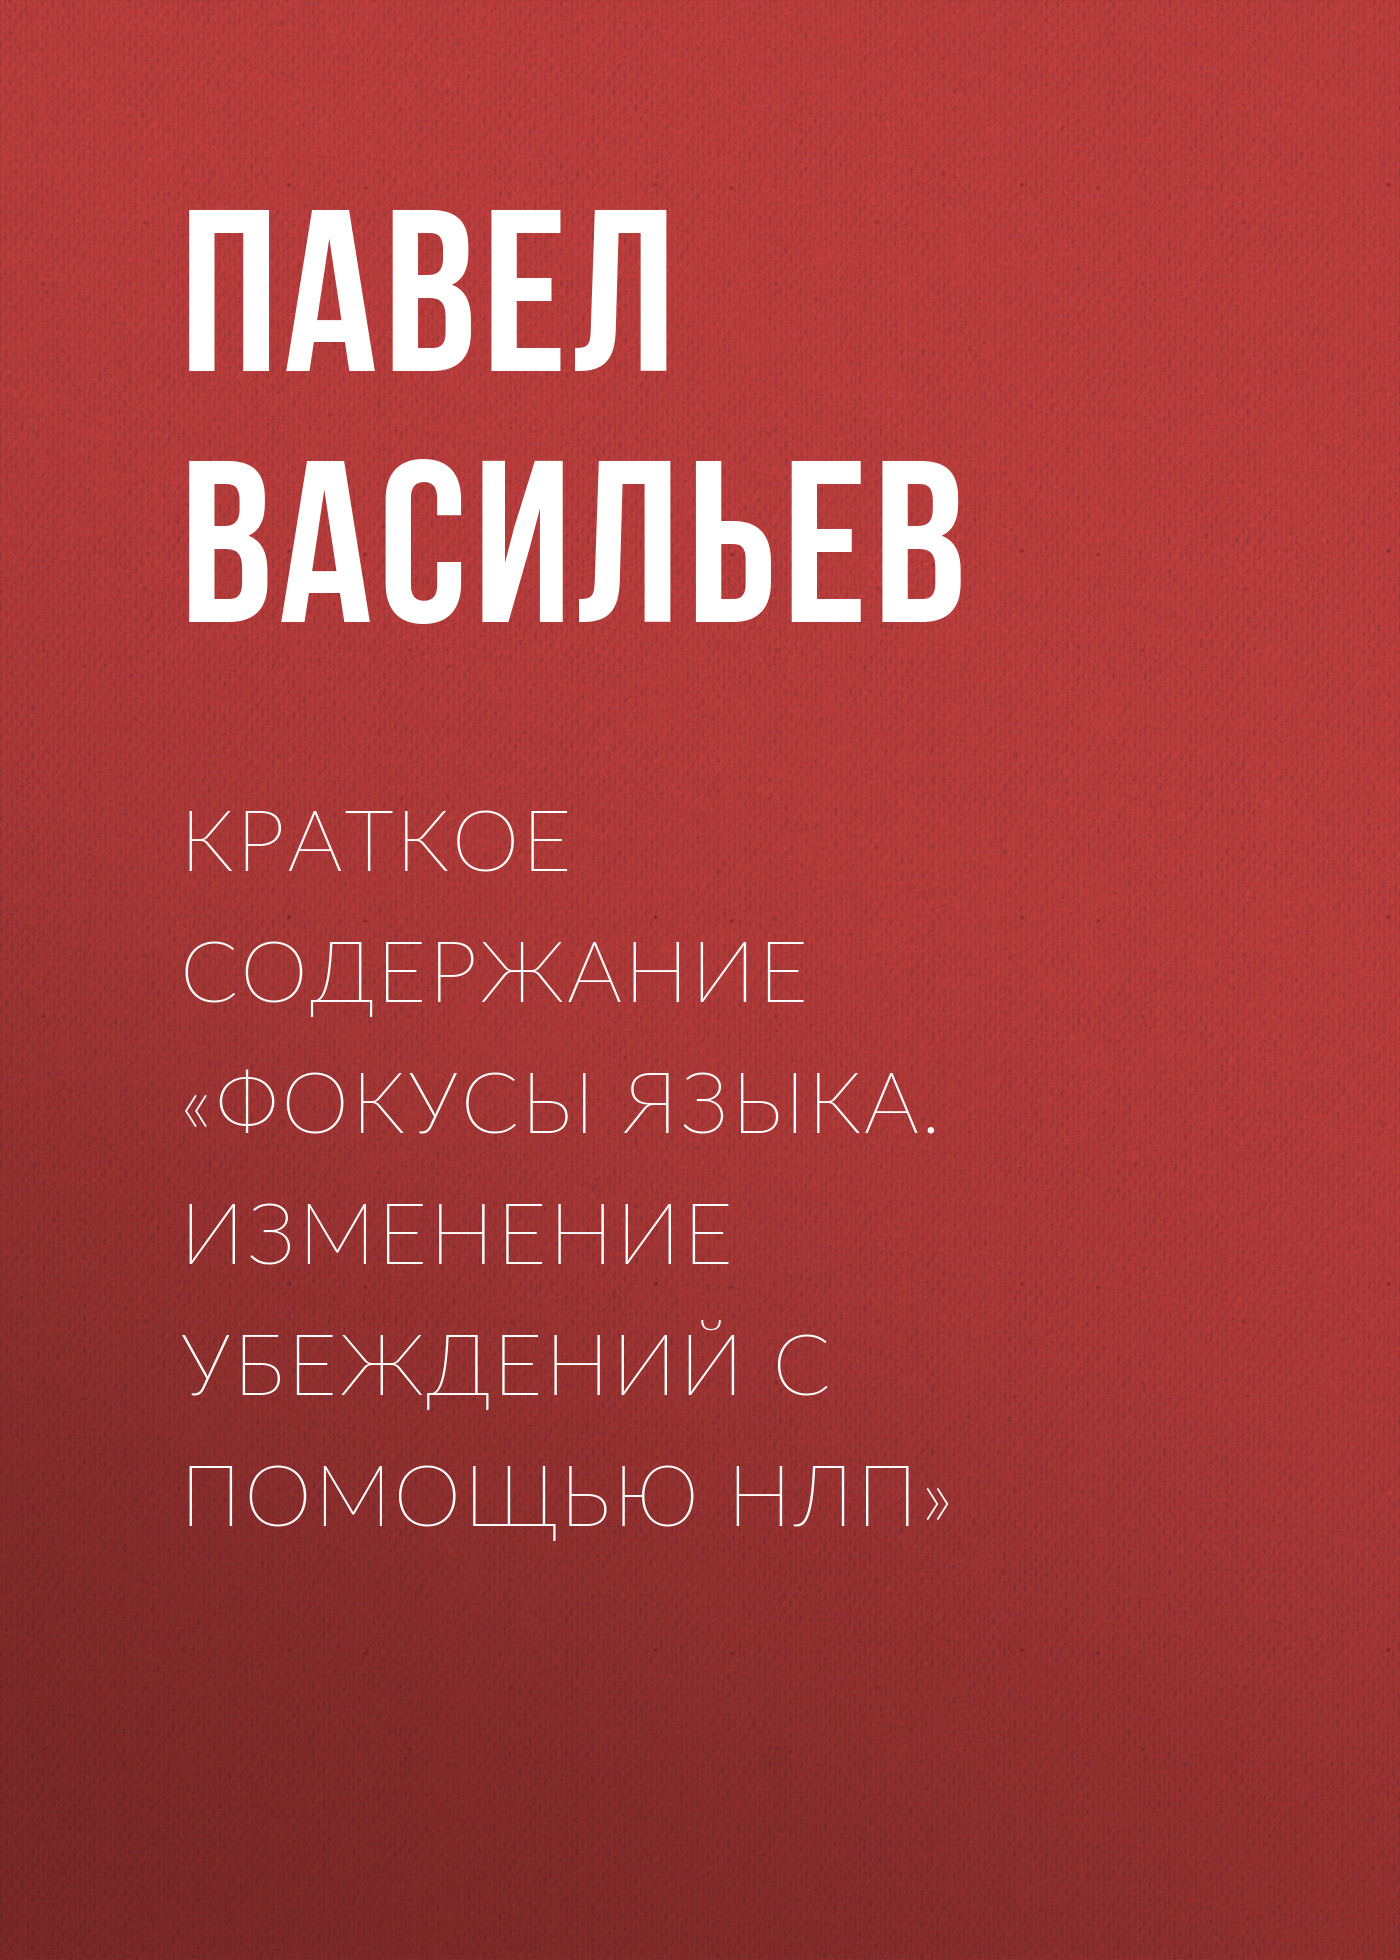 Павел Васильев Краткое содержание «Фокусы языка. Изменение убеждений с помощью НЛП» скачать книги по нлп